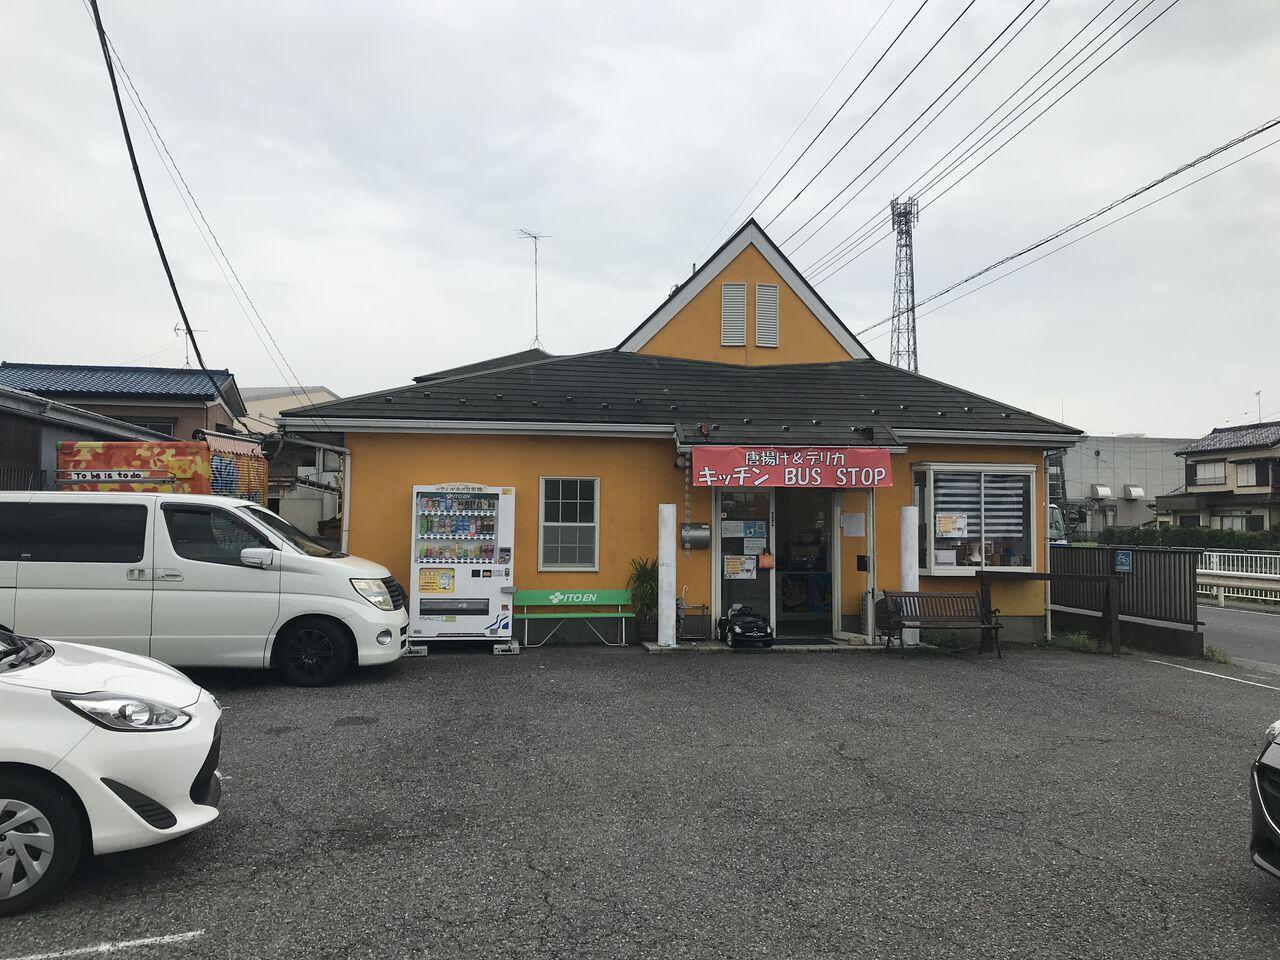 三郷 ストップ キッチン バス